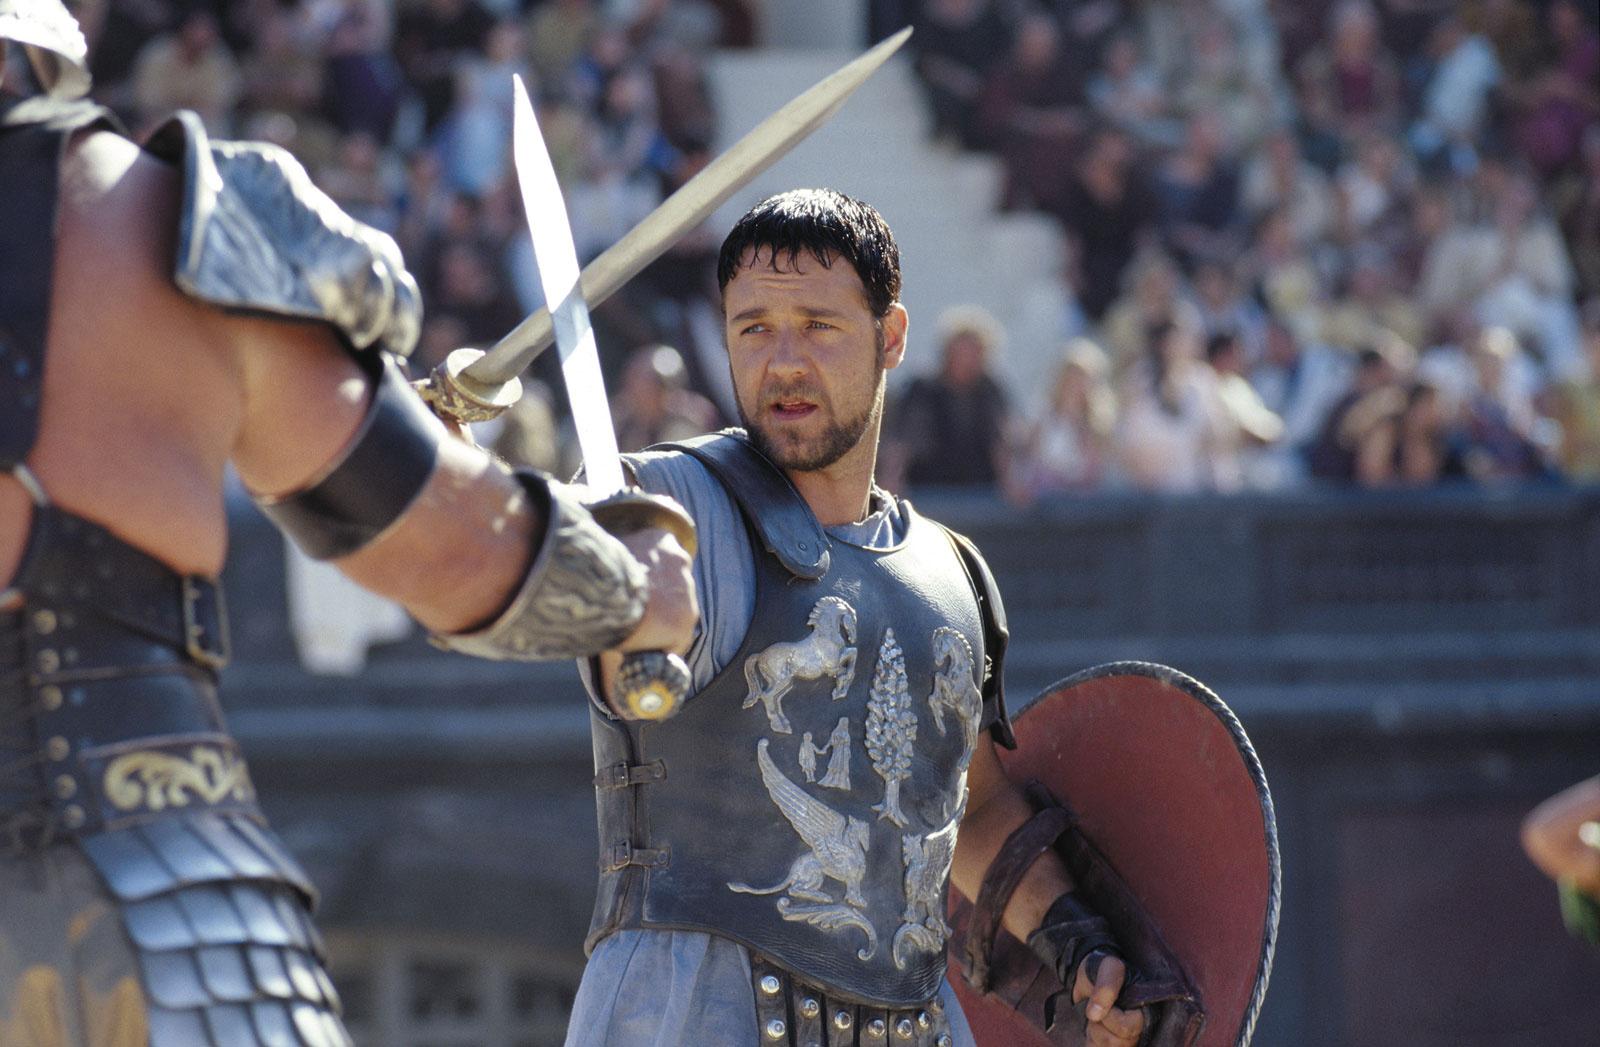 Рассел Кроу о «Гладиаторе»: «Поначалу сценарий был очень плохим»